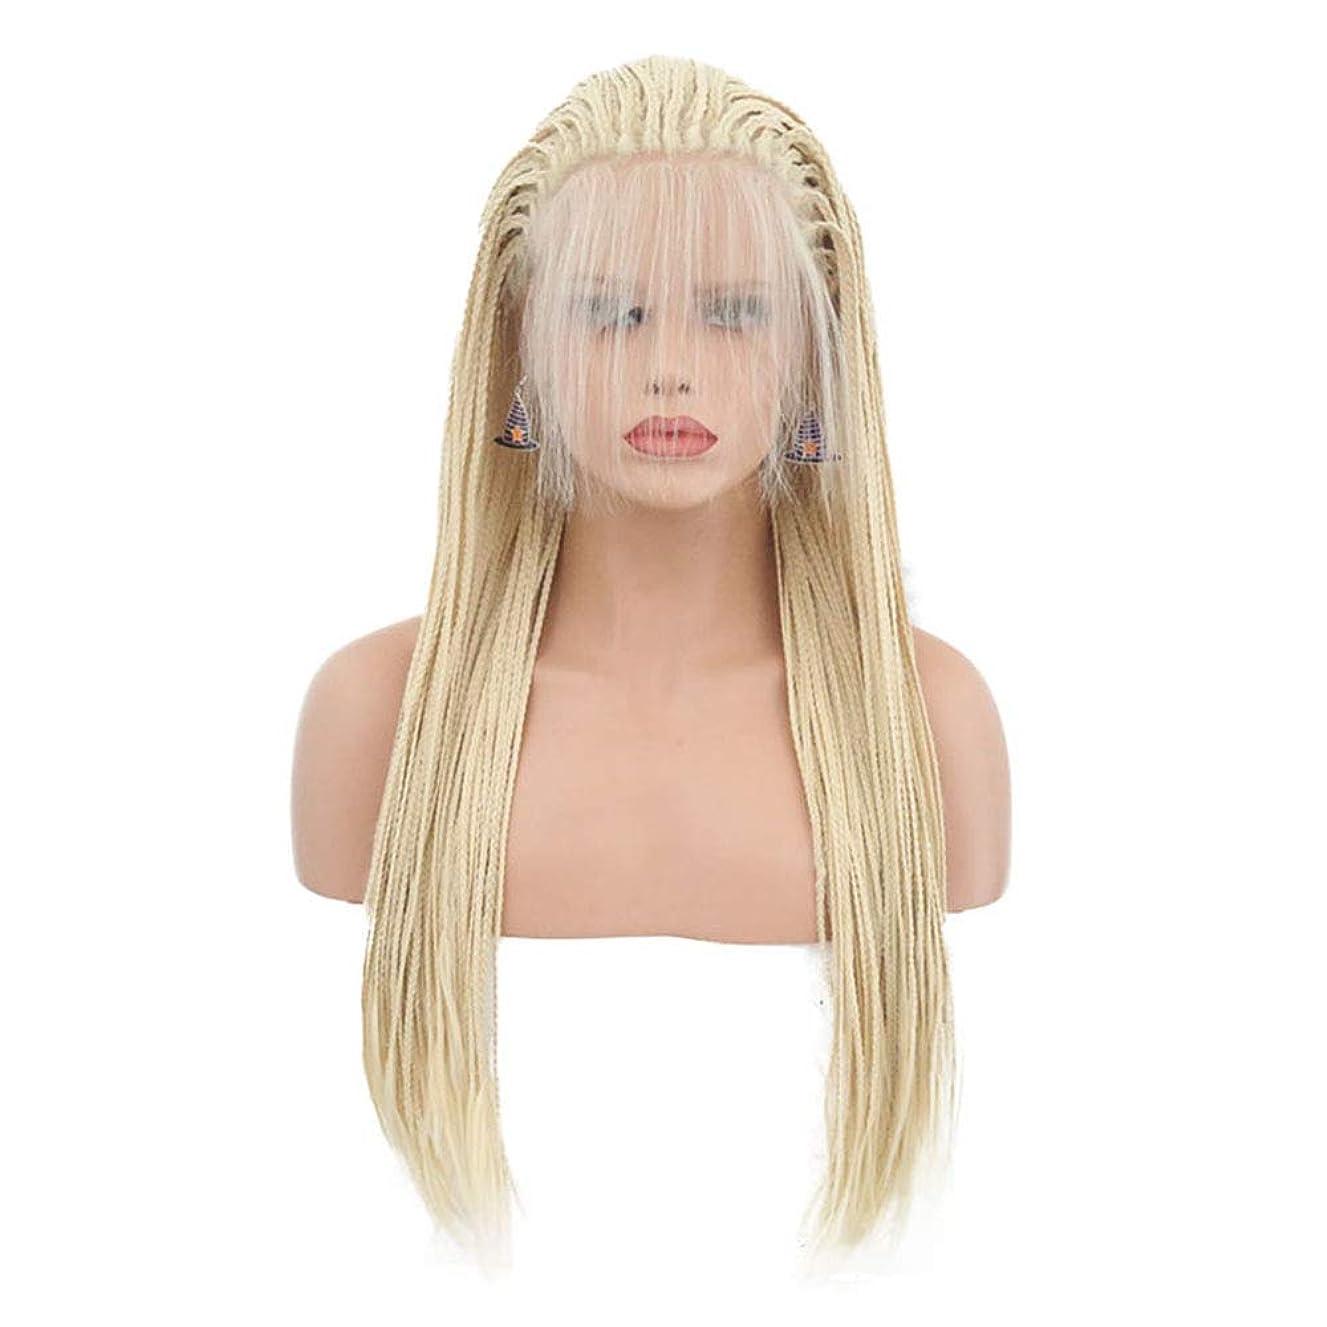 臨検重荷ウォルターカニンガム女性フルレース人毛かつら150%密度合成remyで赤ん坊の毛髪ストレートブラジルのかつら内臓編組グルーレスかつら